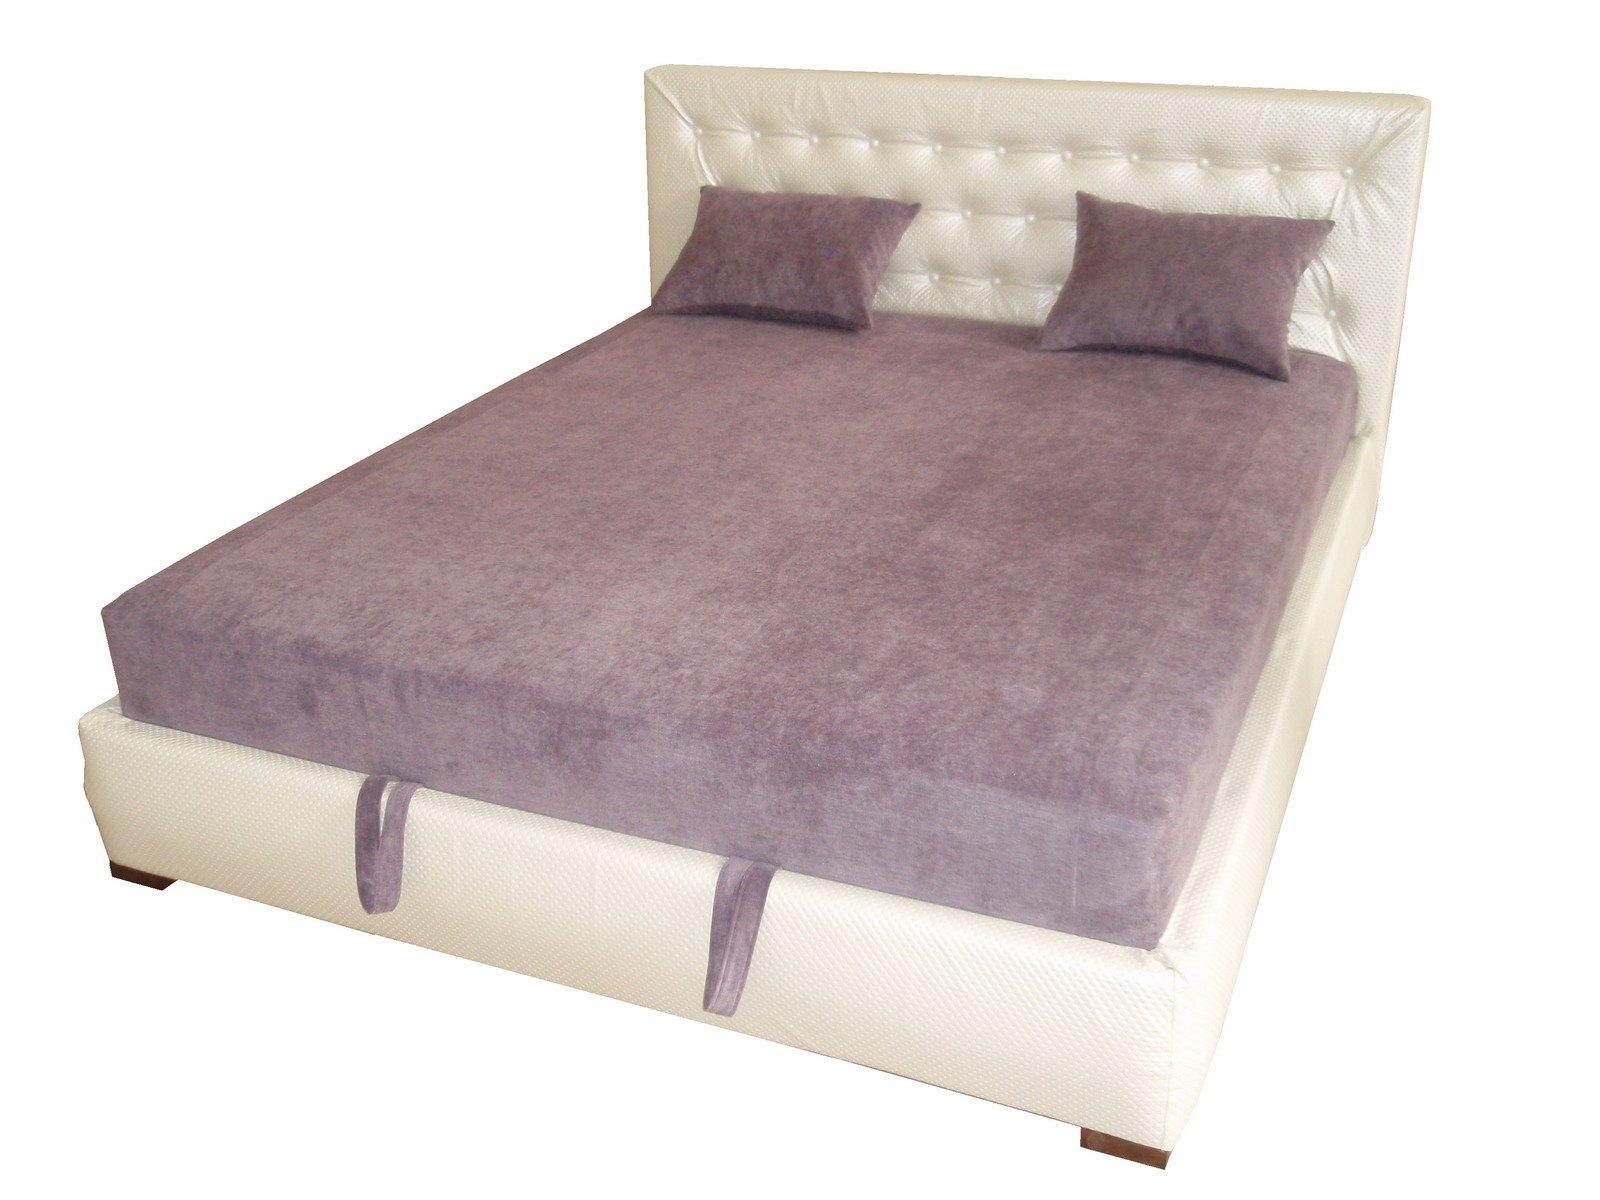 Купить кровать без матраса 140х200 матрасы ватные купить в москве дешево